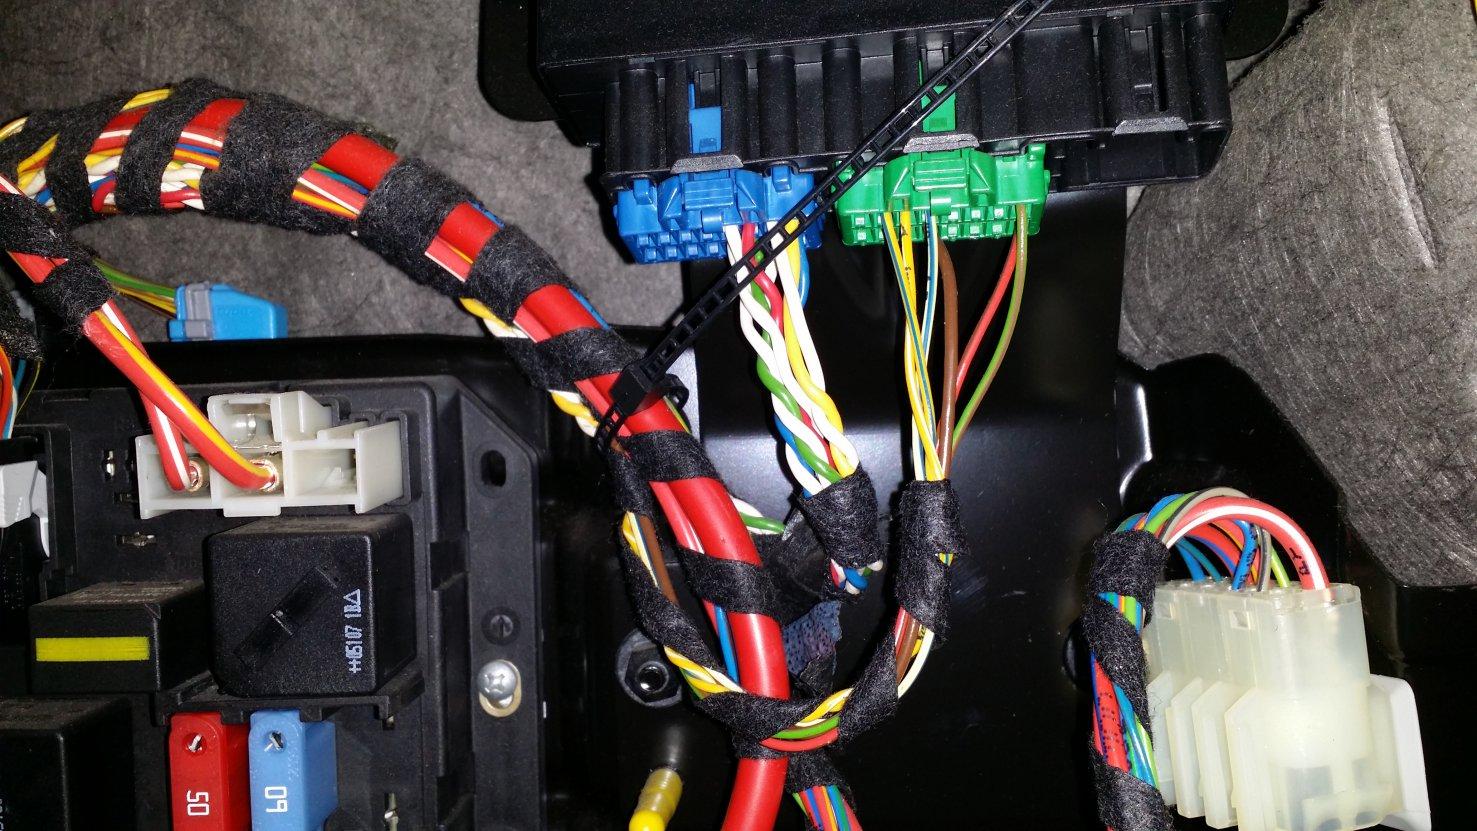 06-09 trailer wiring installation-20150512_114241.jpg